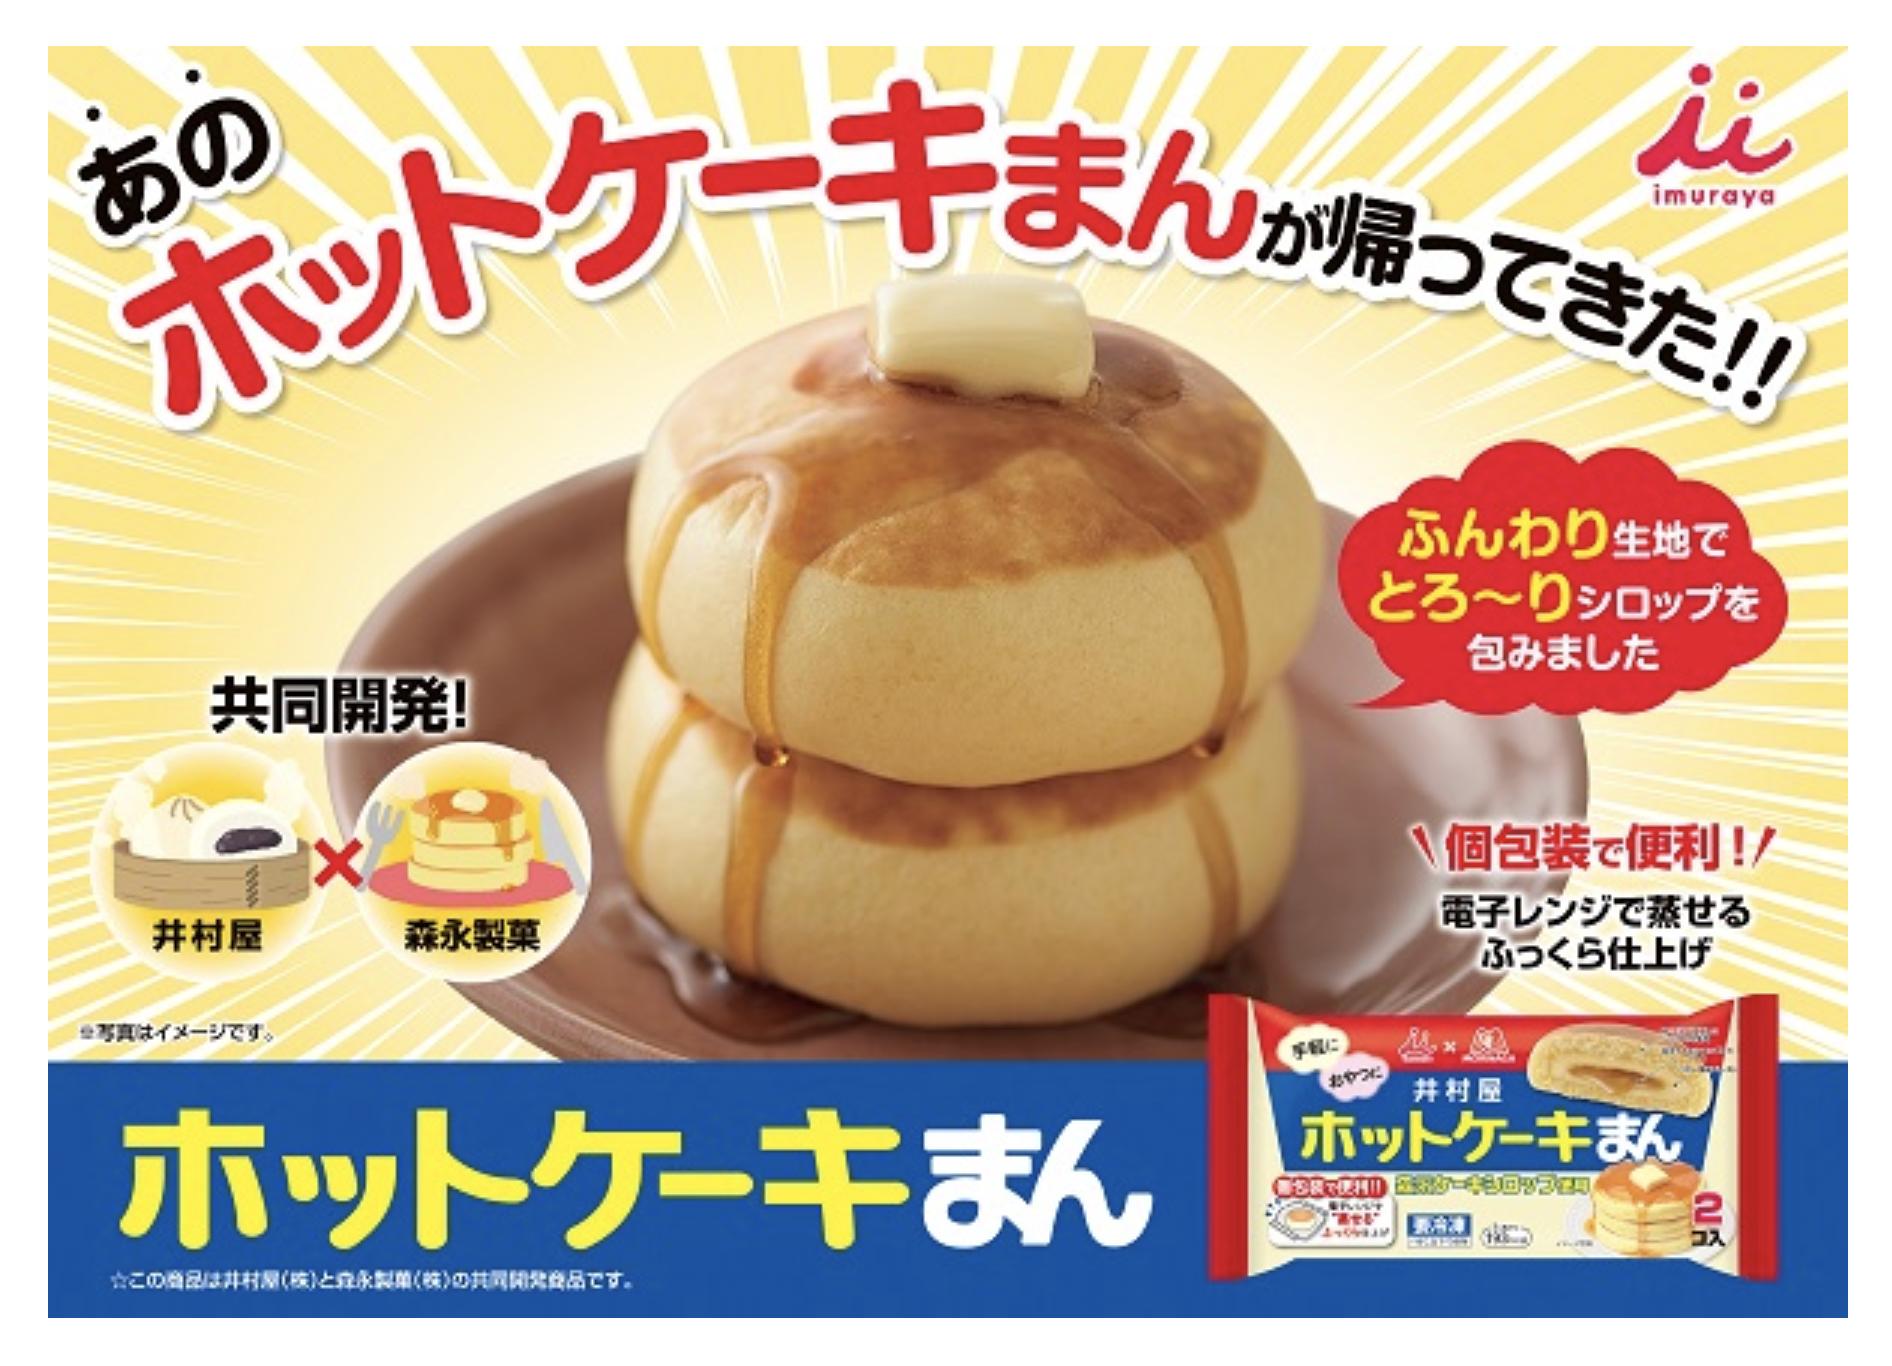 2020年9月25日リニューアル発売の『ホットケーキまん』画像1